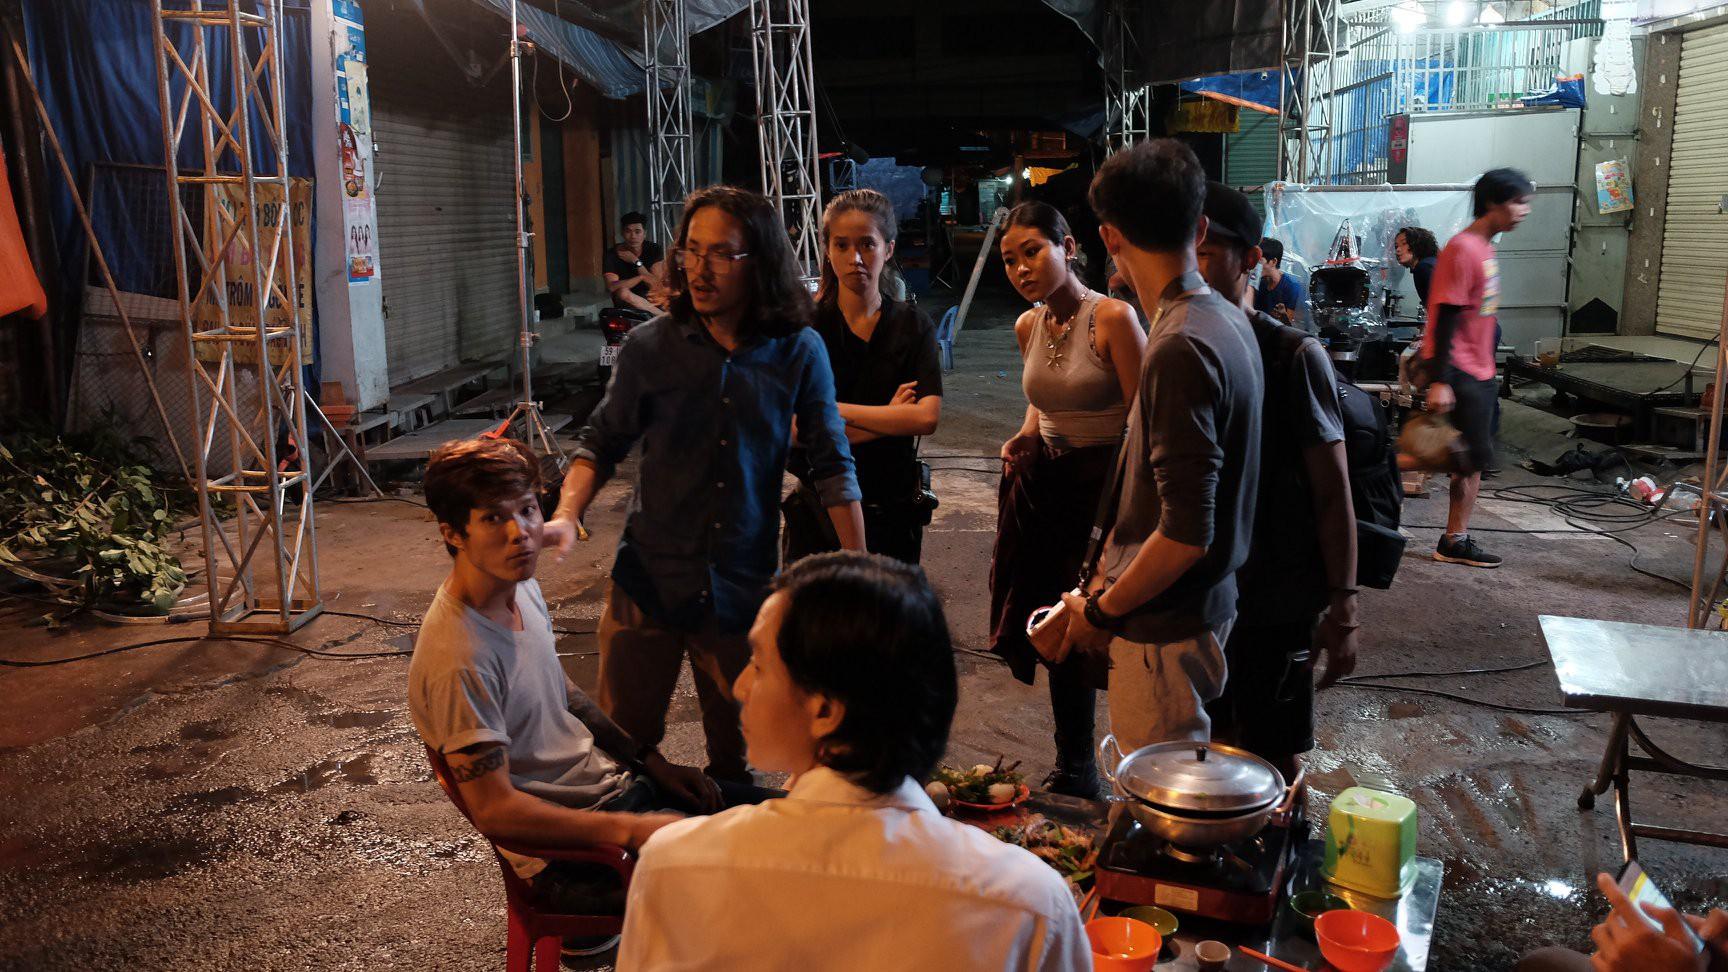 """Dự án phim ngắn CJ – Bi hài chuyện """"hành nghề"""" của các nhà làm phim trẻ - Ảnh 6."""